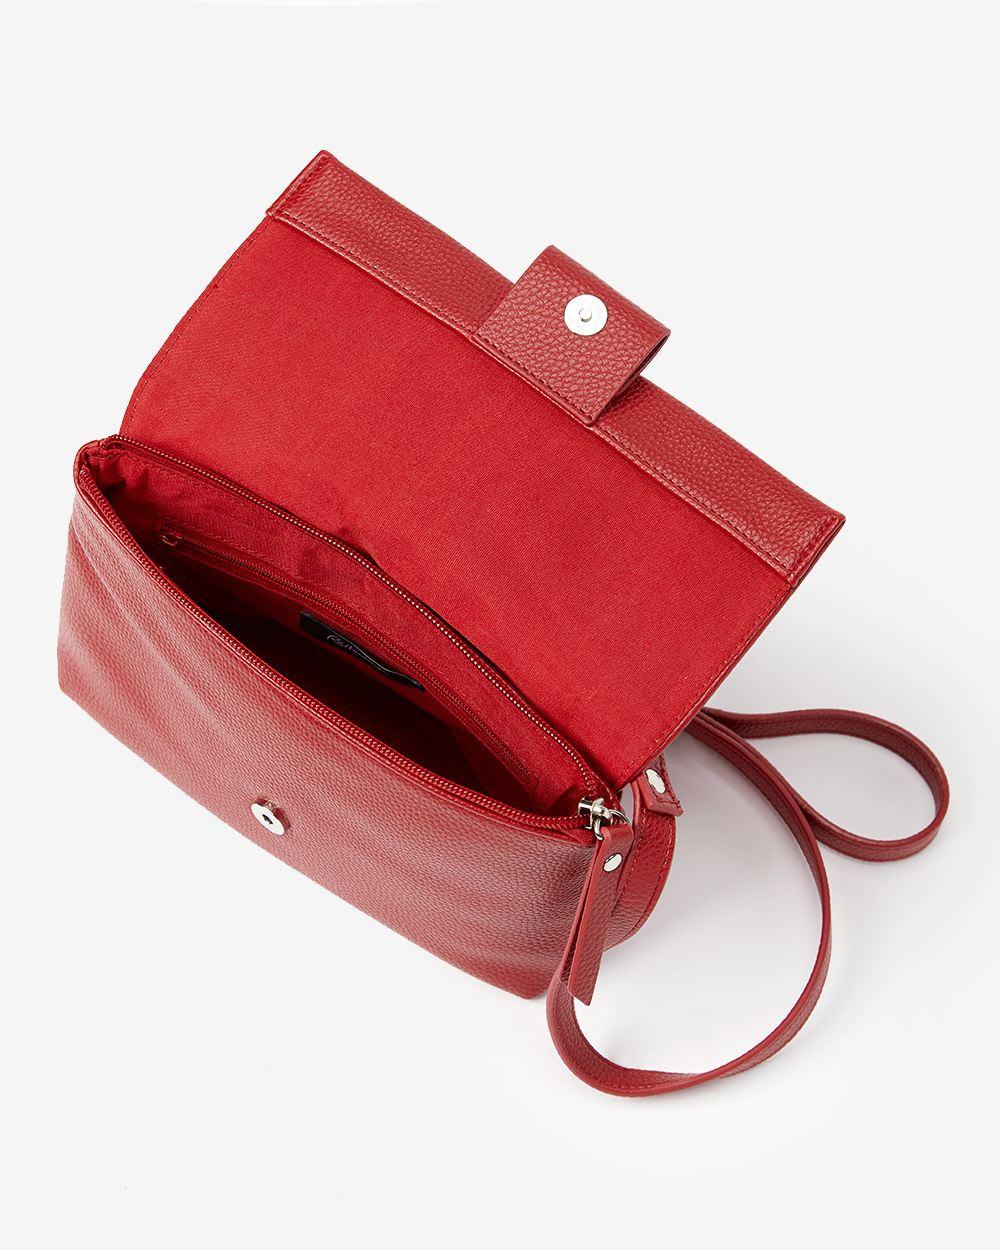 Crossbody Solid Handbag